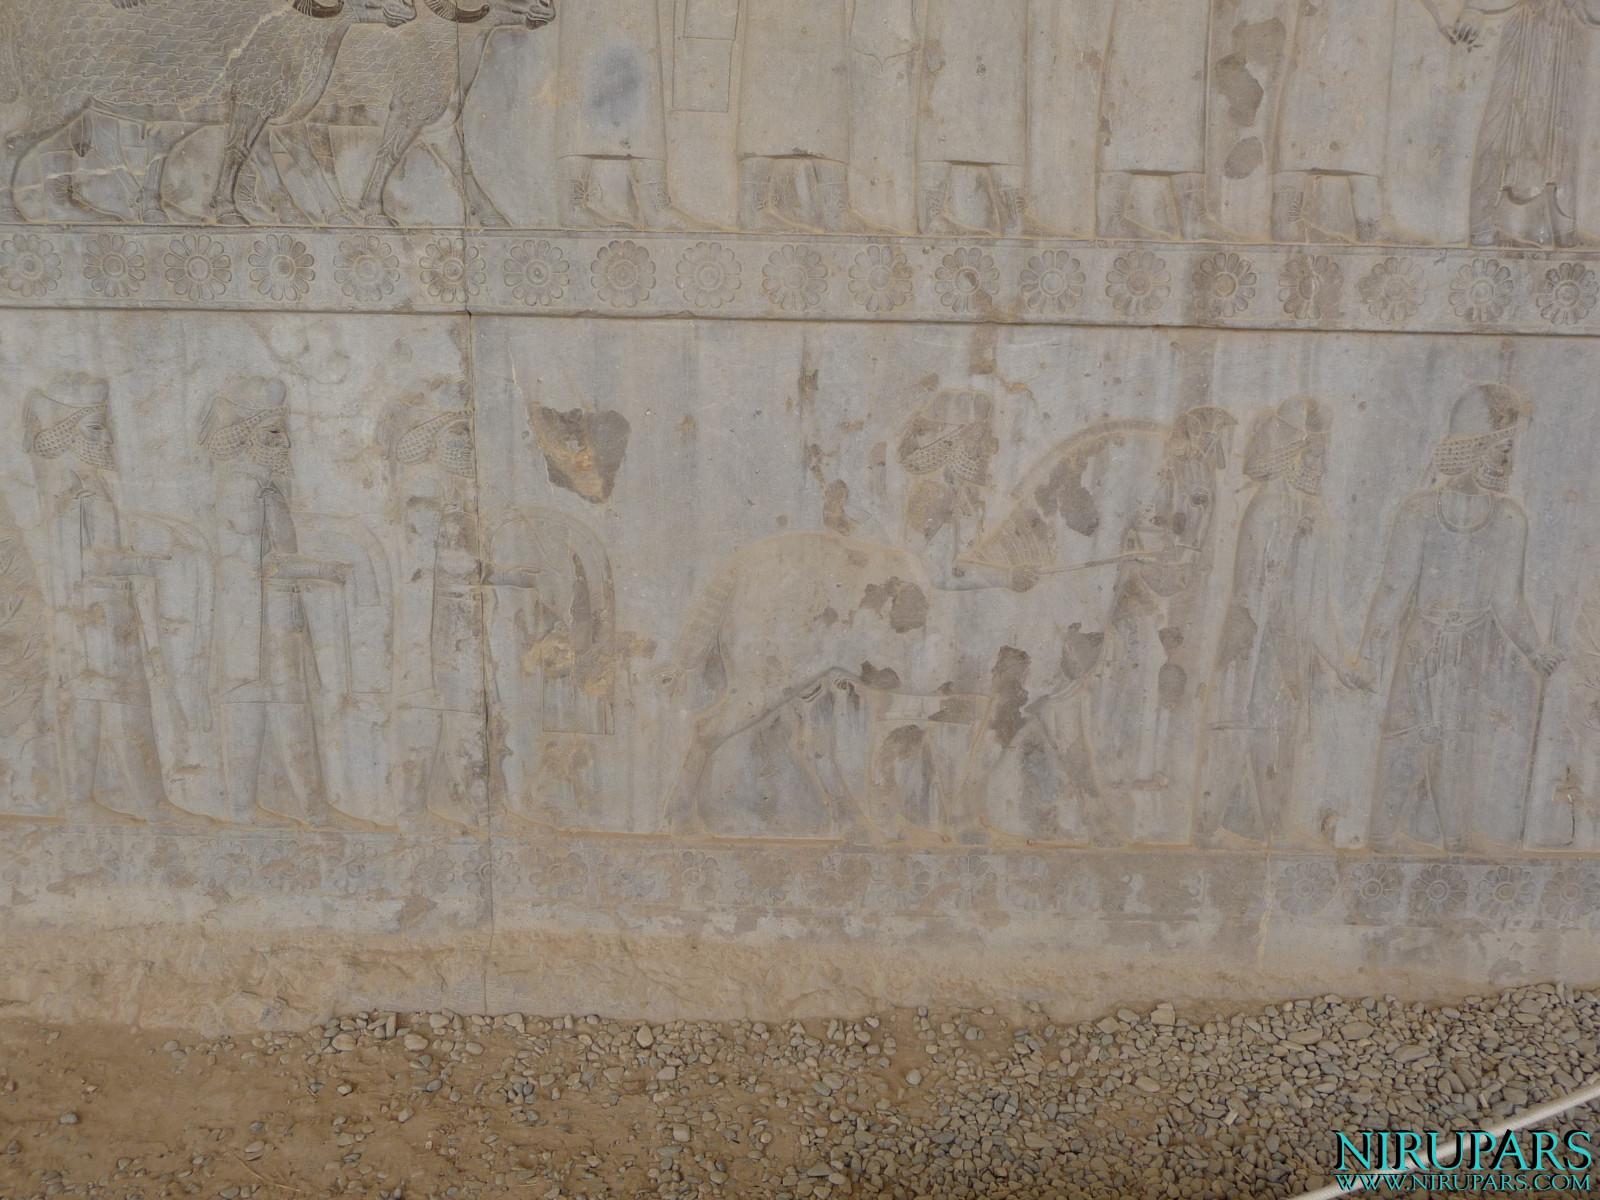 Persepolis - Apadana - East Portico - Delegation Cappadocia